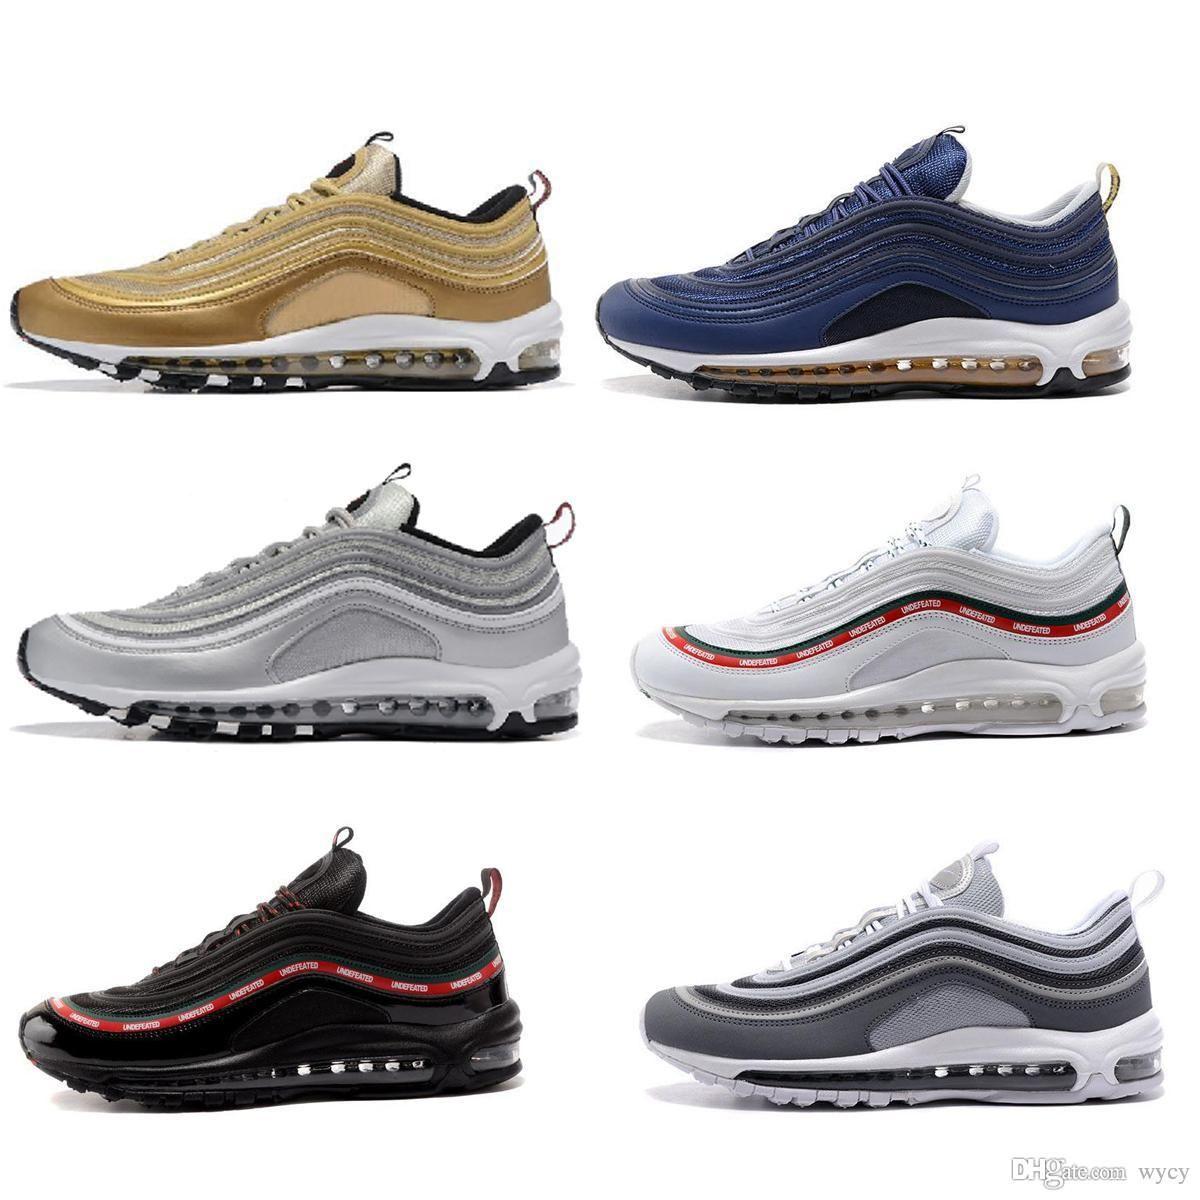 76bba2b3b6b Acheter Vente Chaude Hommes Chaussures Coussin KPU En Plastique Pas Cher  Formation Chaussures De Mode En Gros En Plein Air Chaussures De Course  Sneakers ...